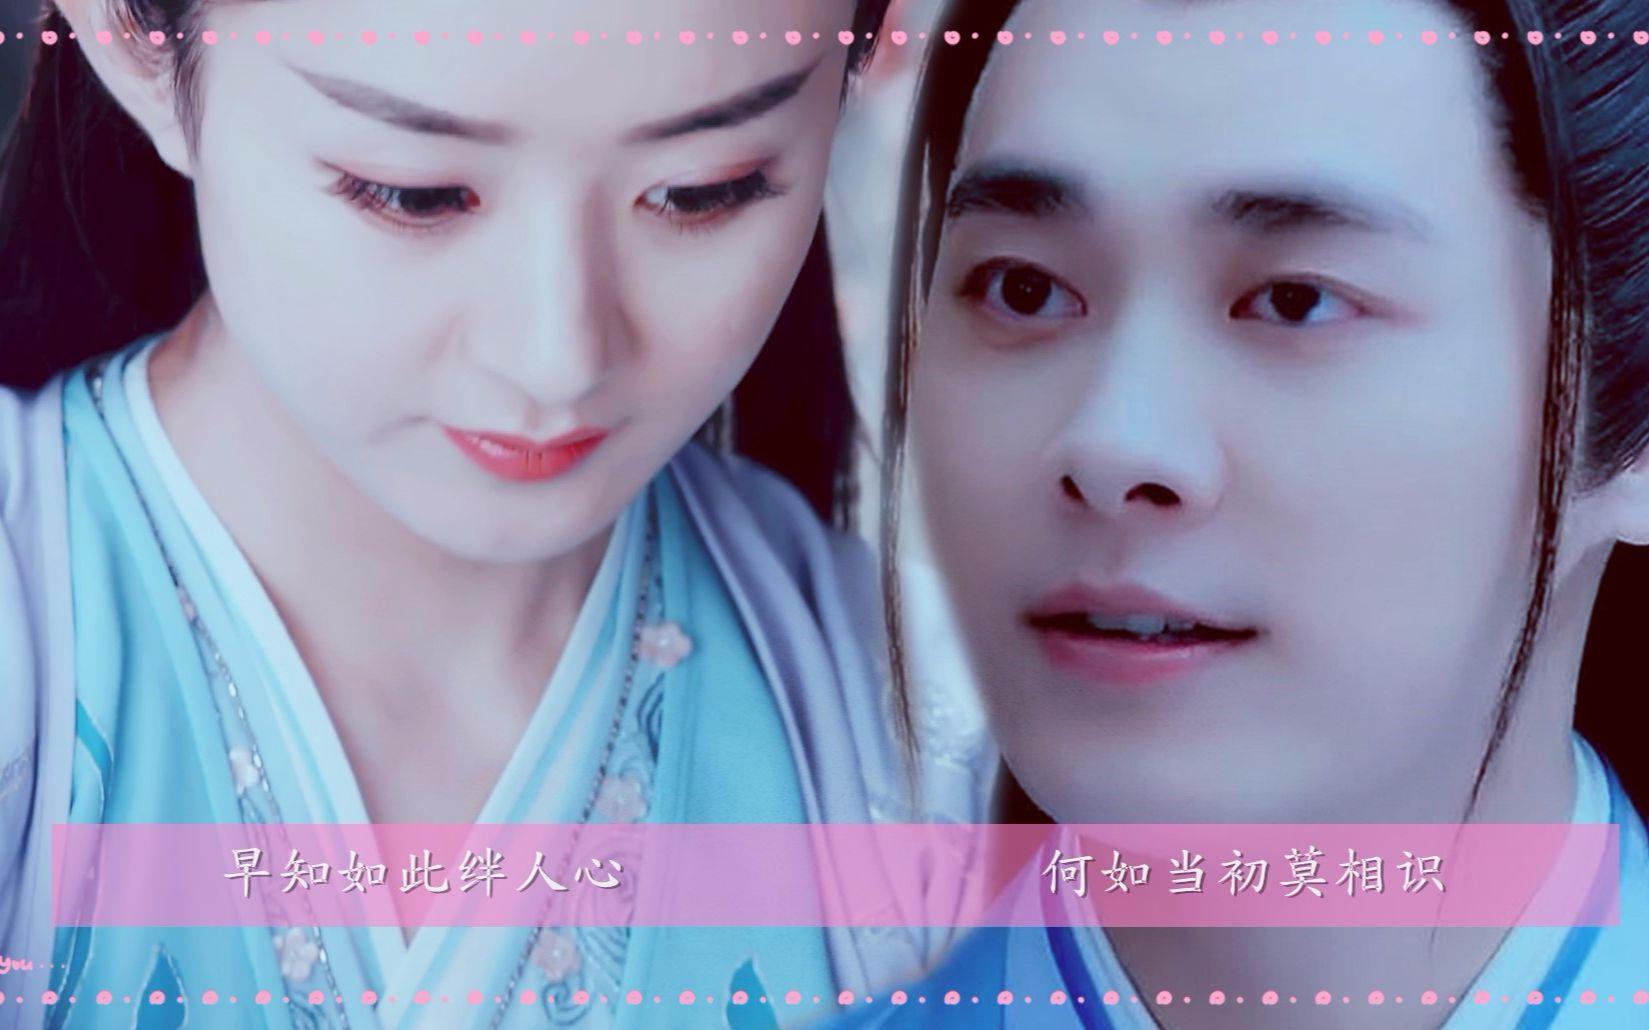 【李易峰】&【赵丽颖】何如莫相识 || 中图片